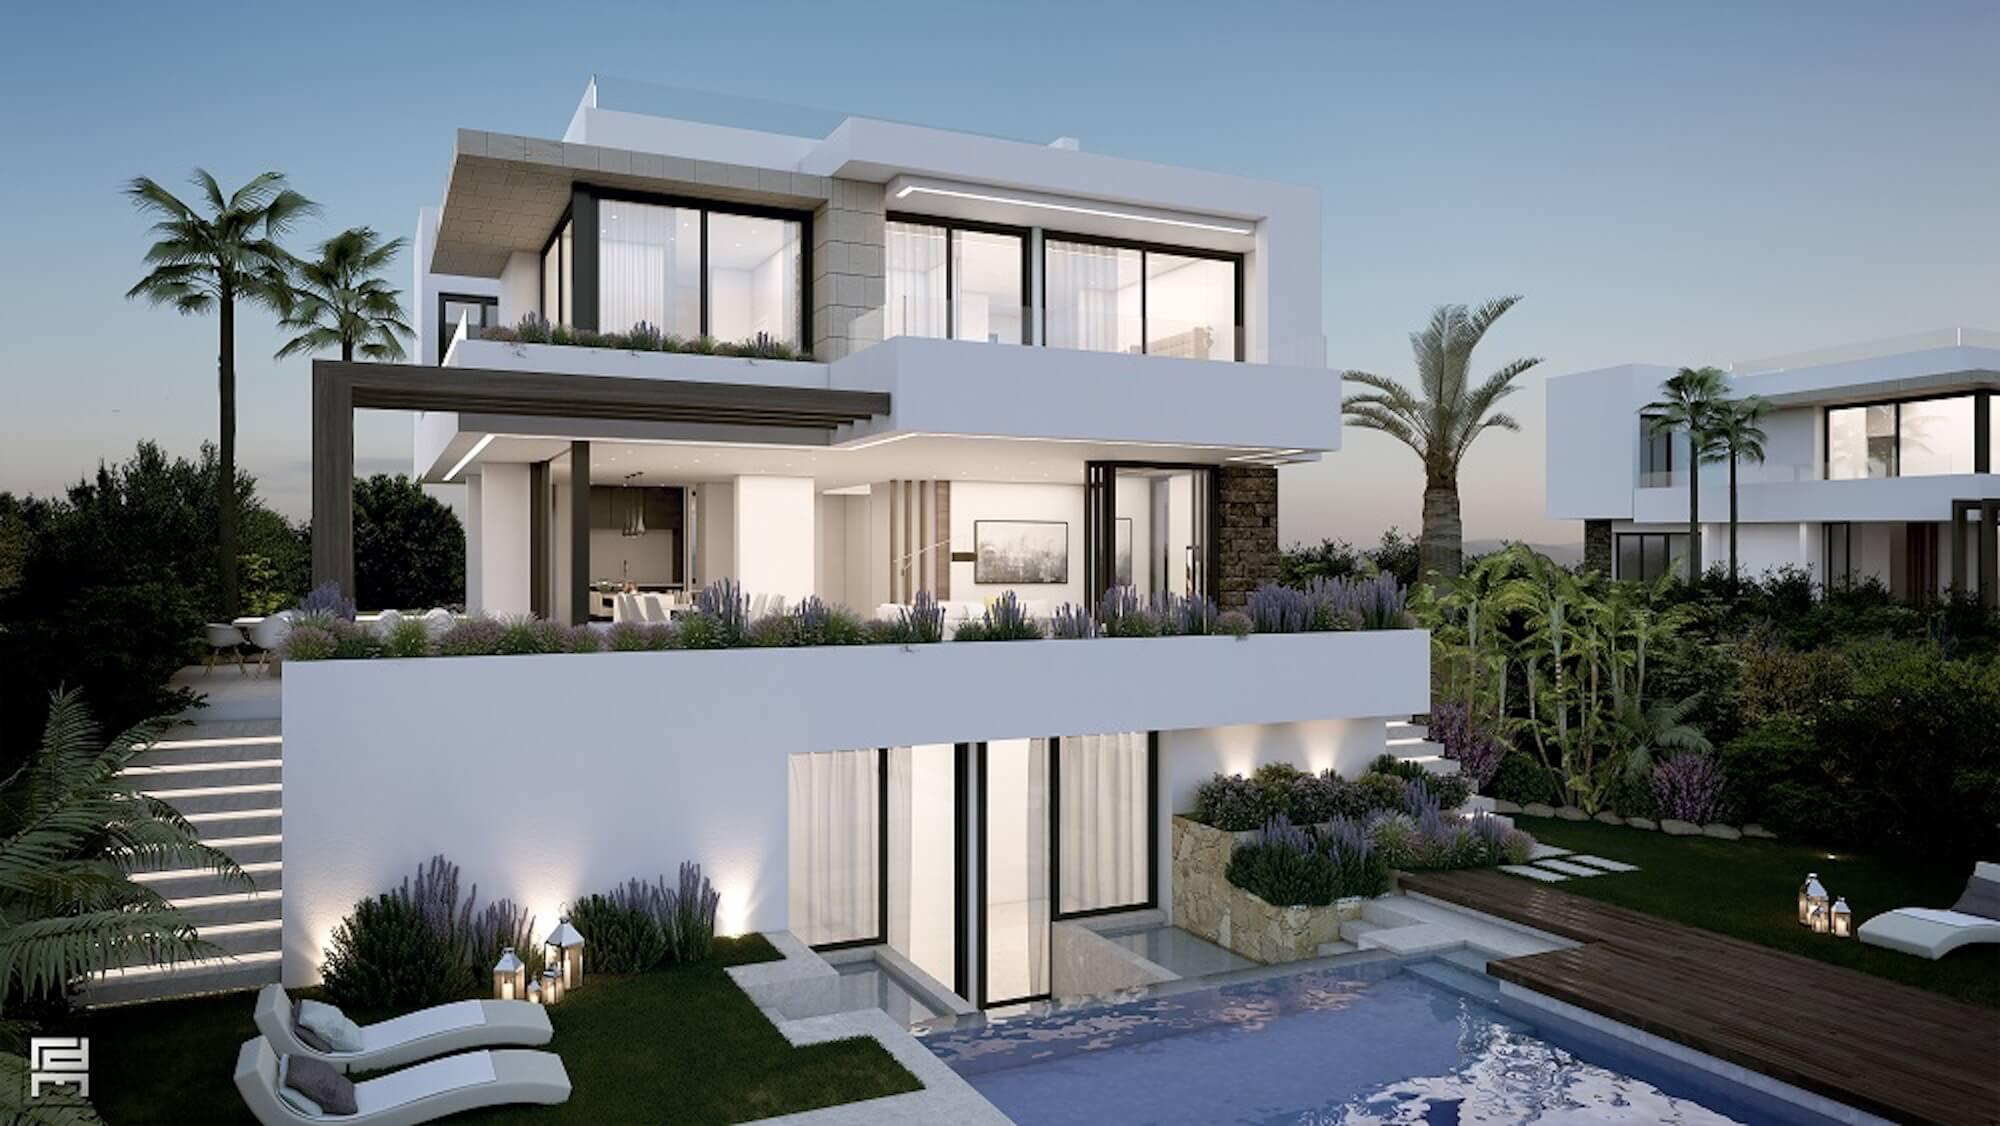 phong cách thiết kế nhà biệt thự đẹp không gian xanh